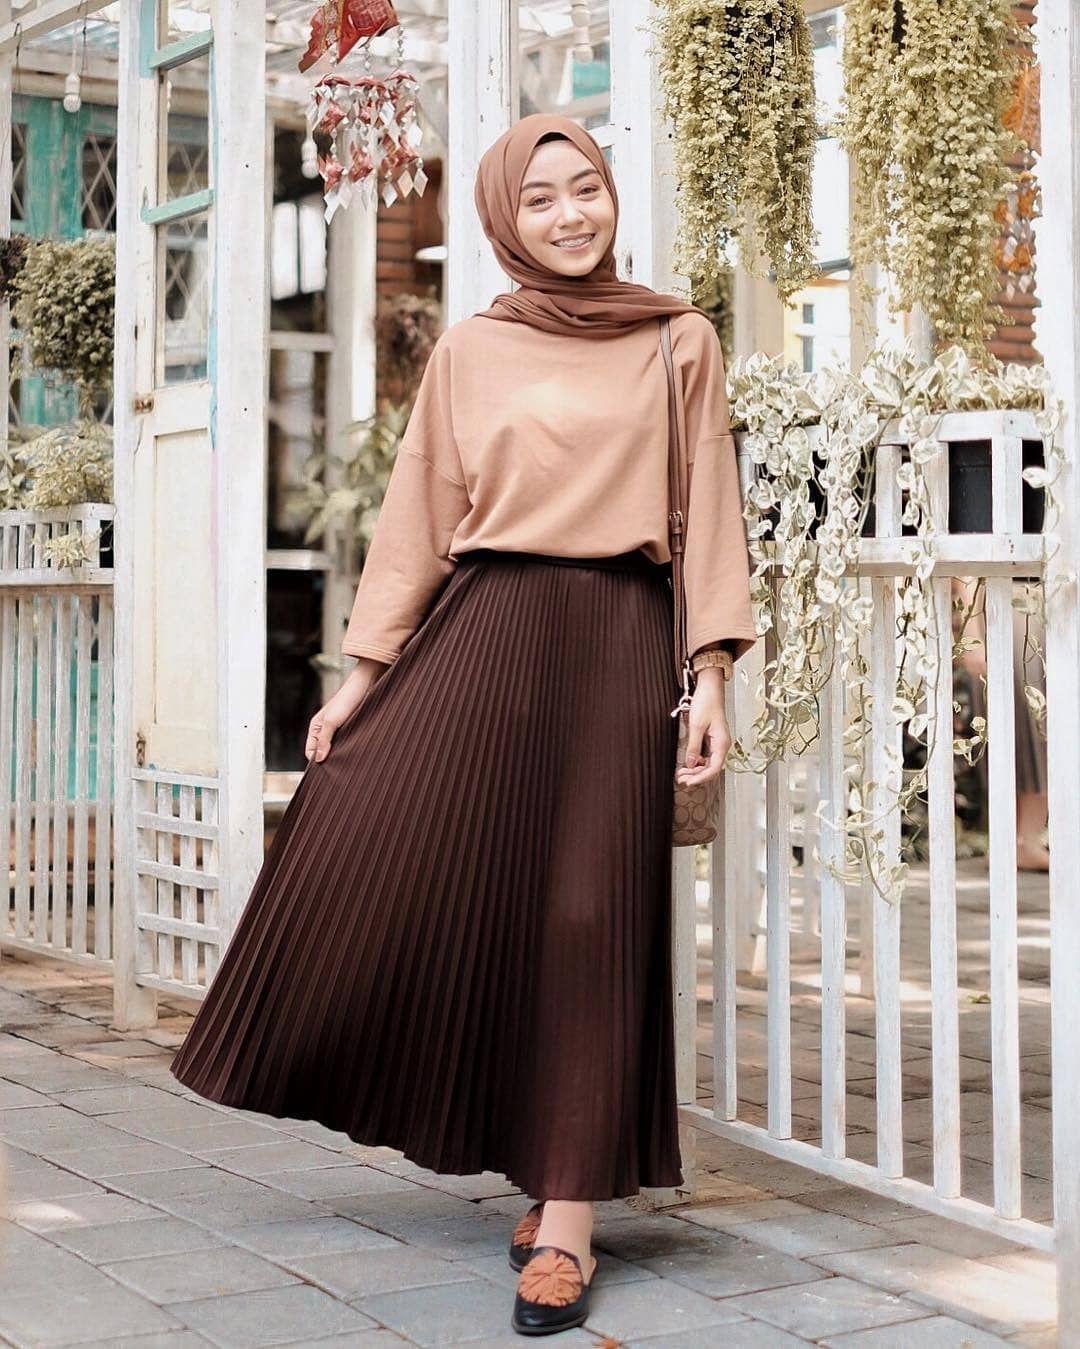 Celana Coklat Muda Cocok Dengan Baju Warna Apa